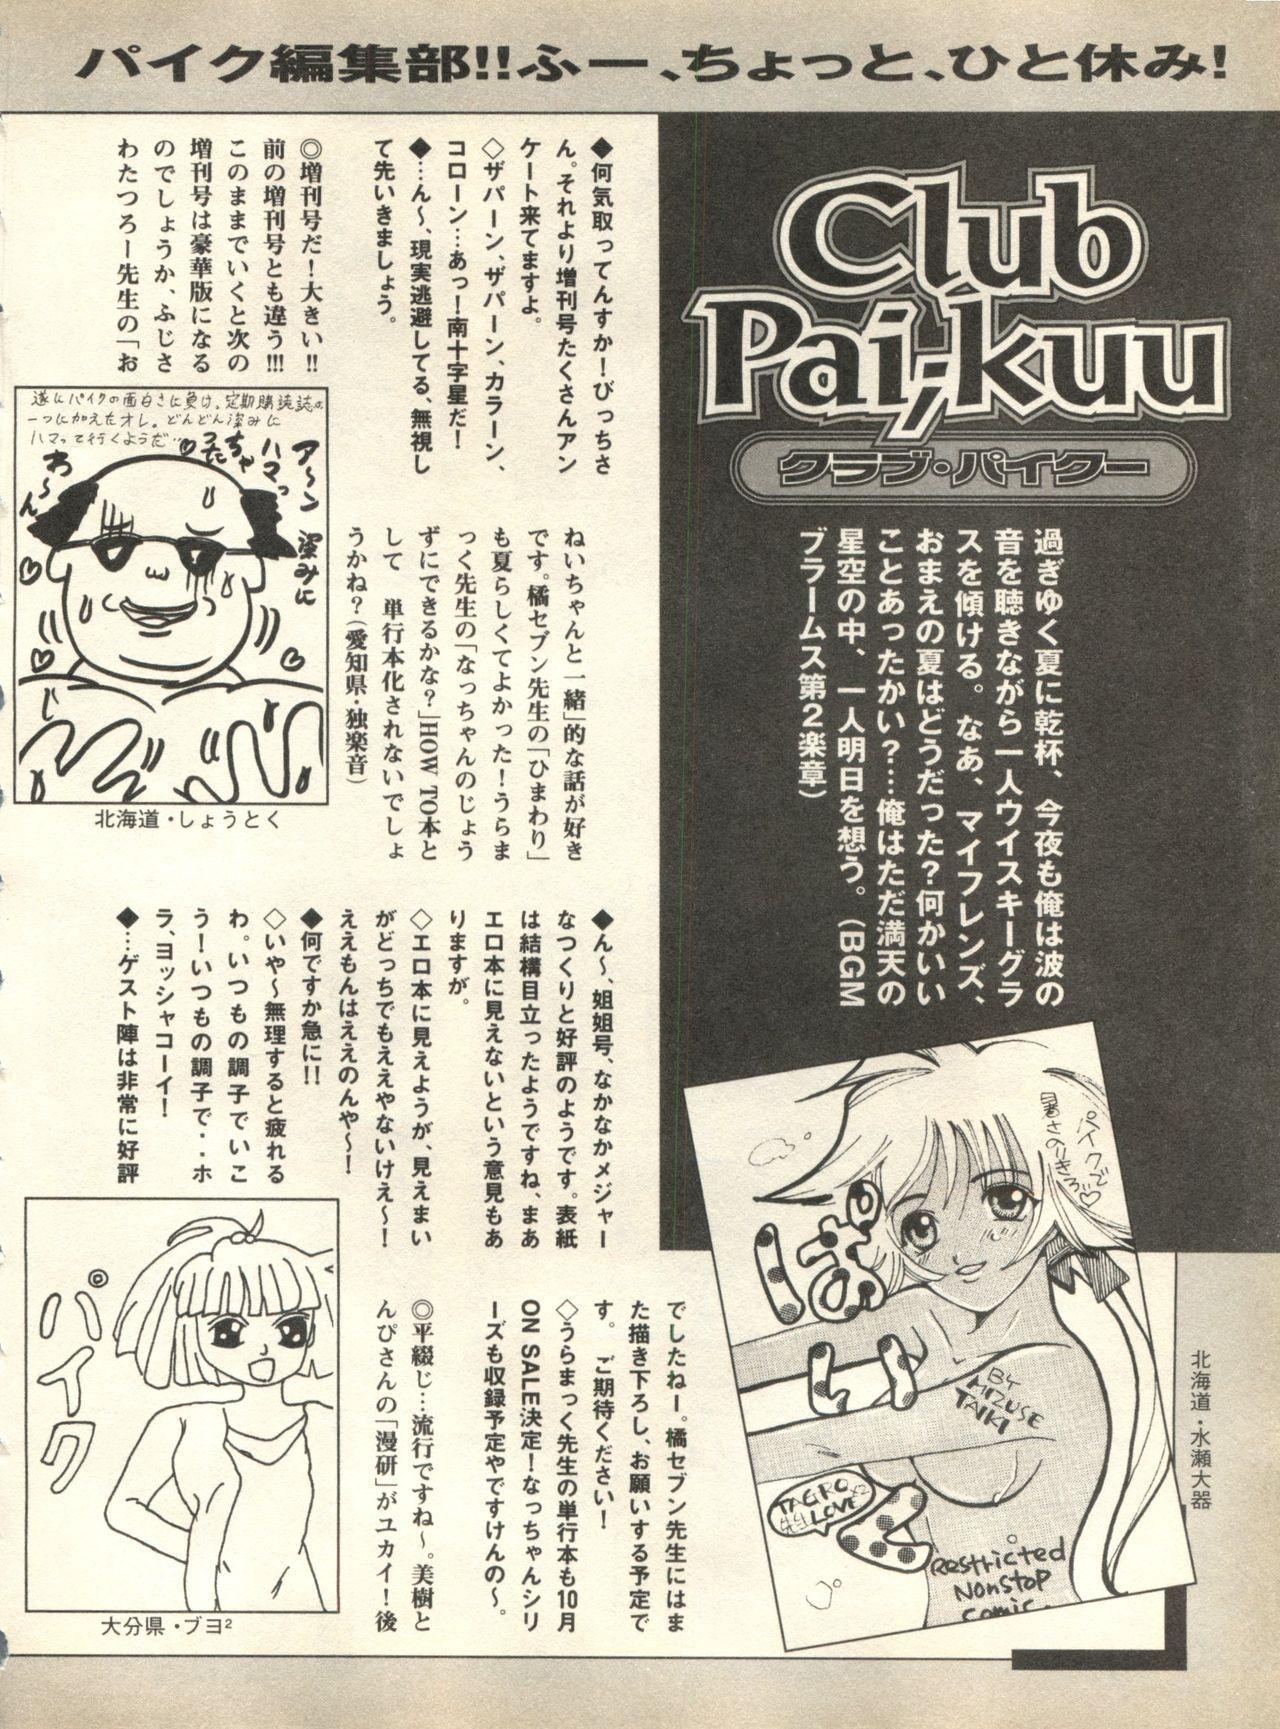 Pai;kuu 1998 October Vol. 13 255